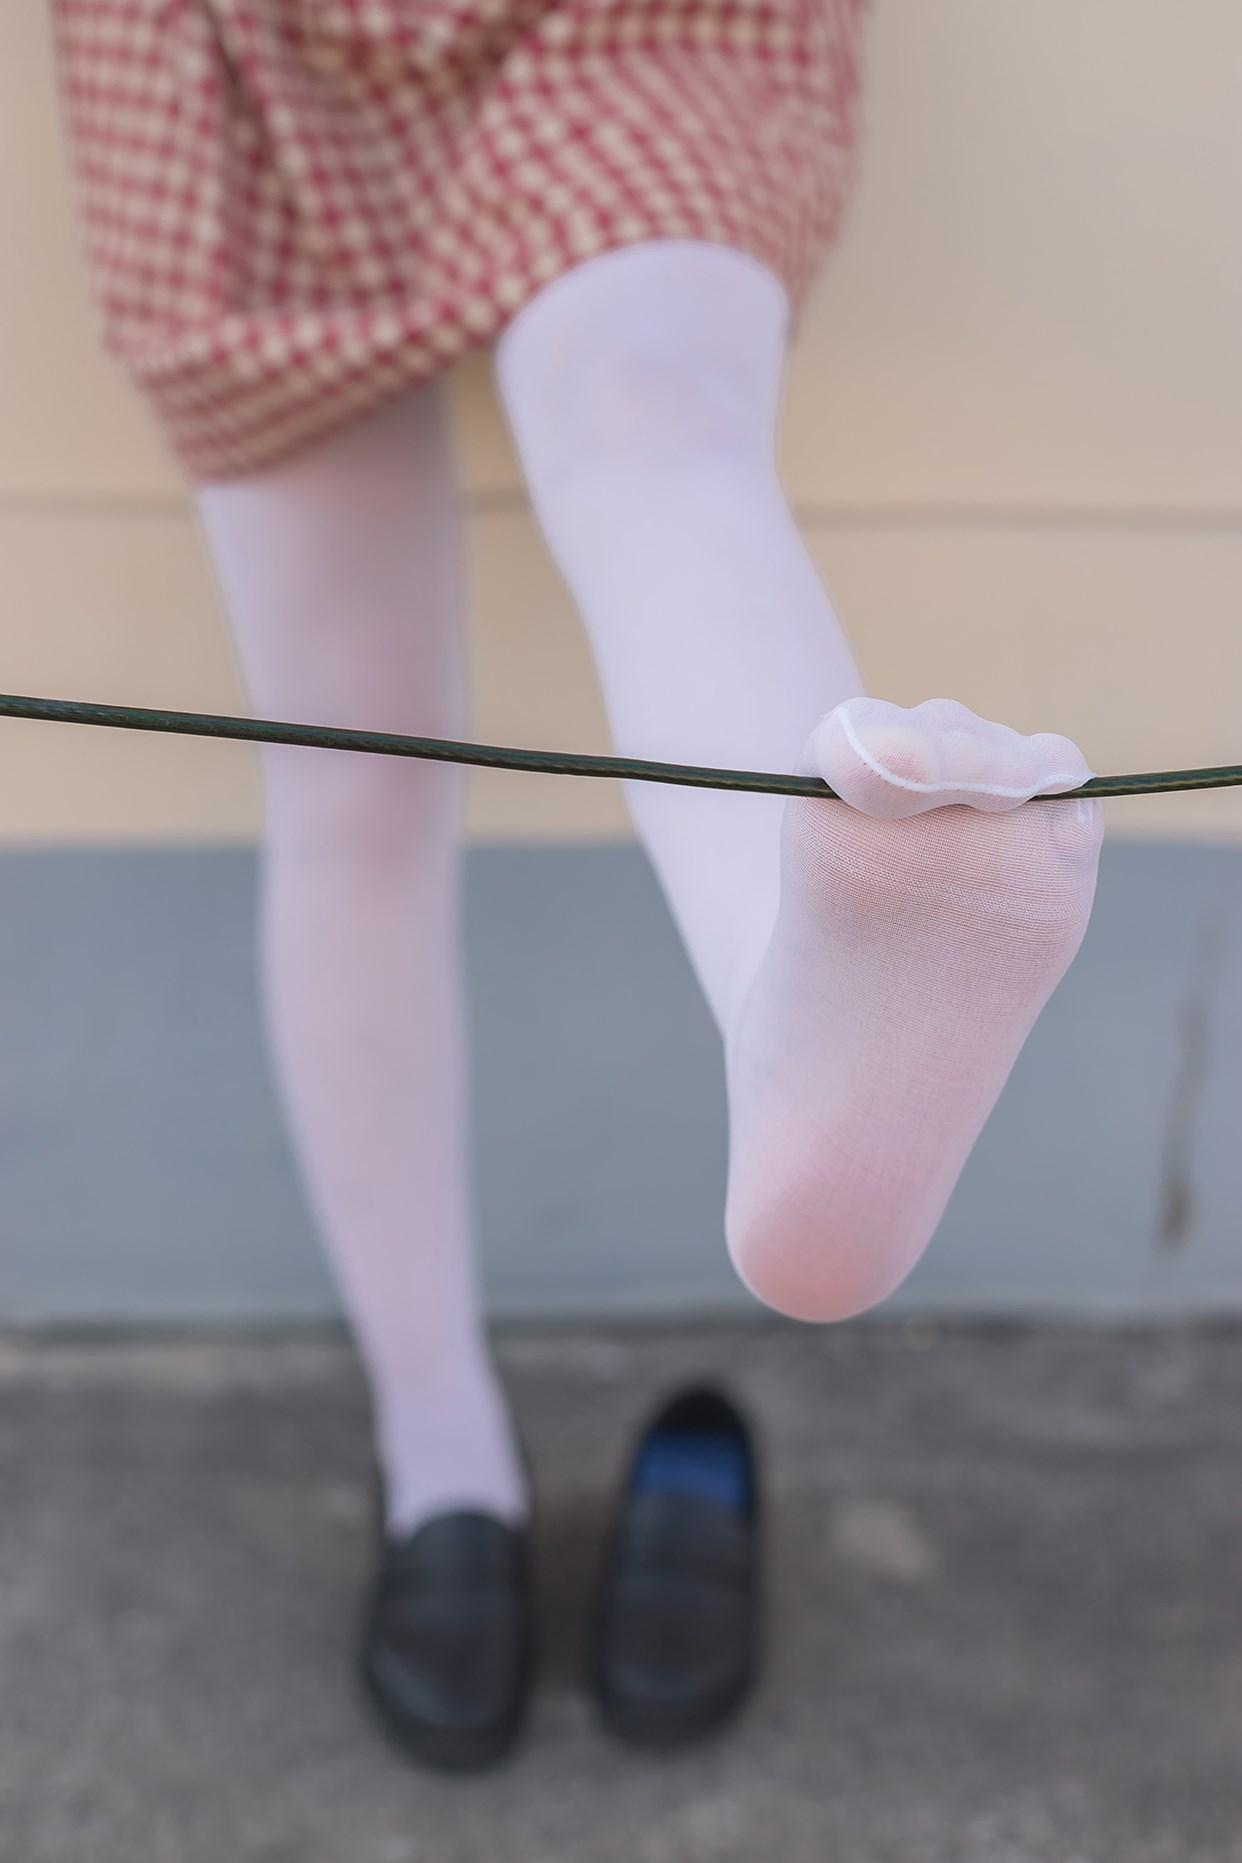 【兔玩映画】萝莉的白丝袜 兔玩映画 第24张